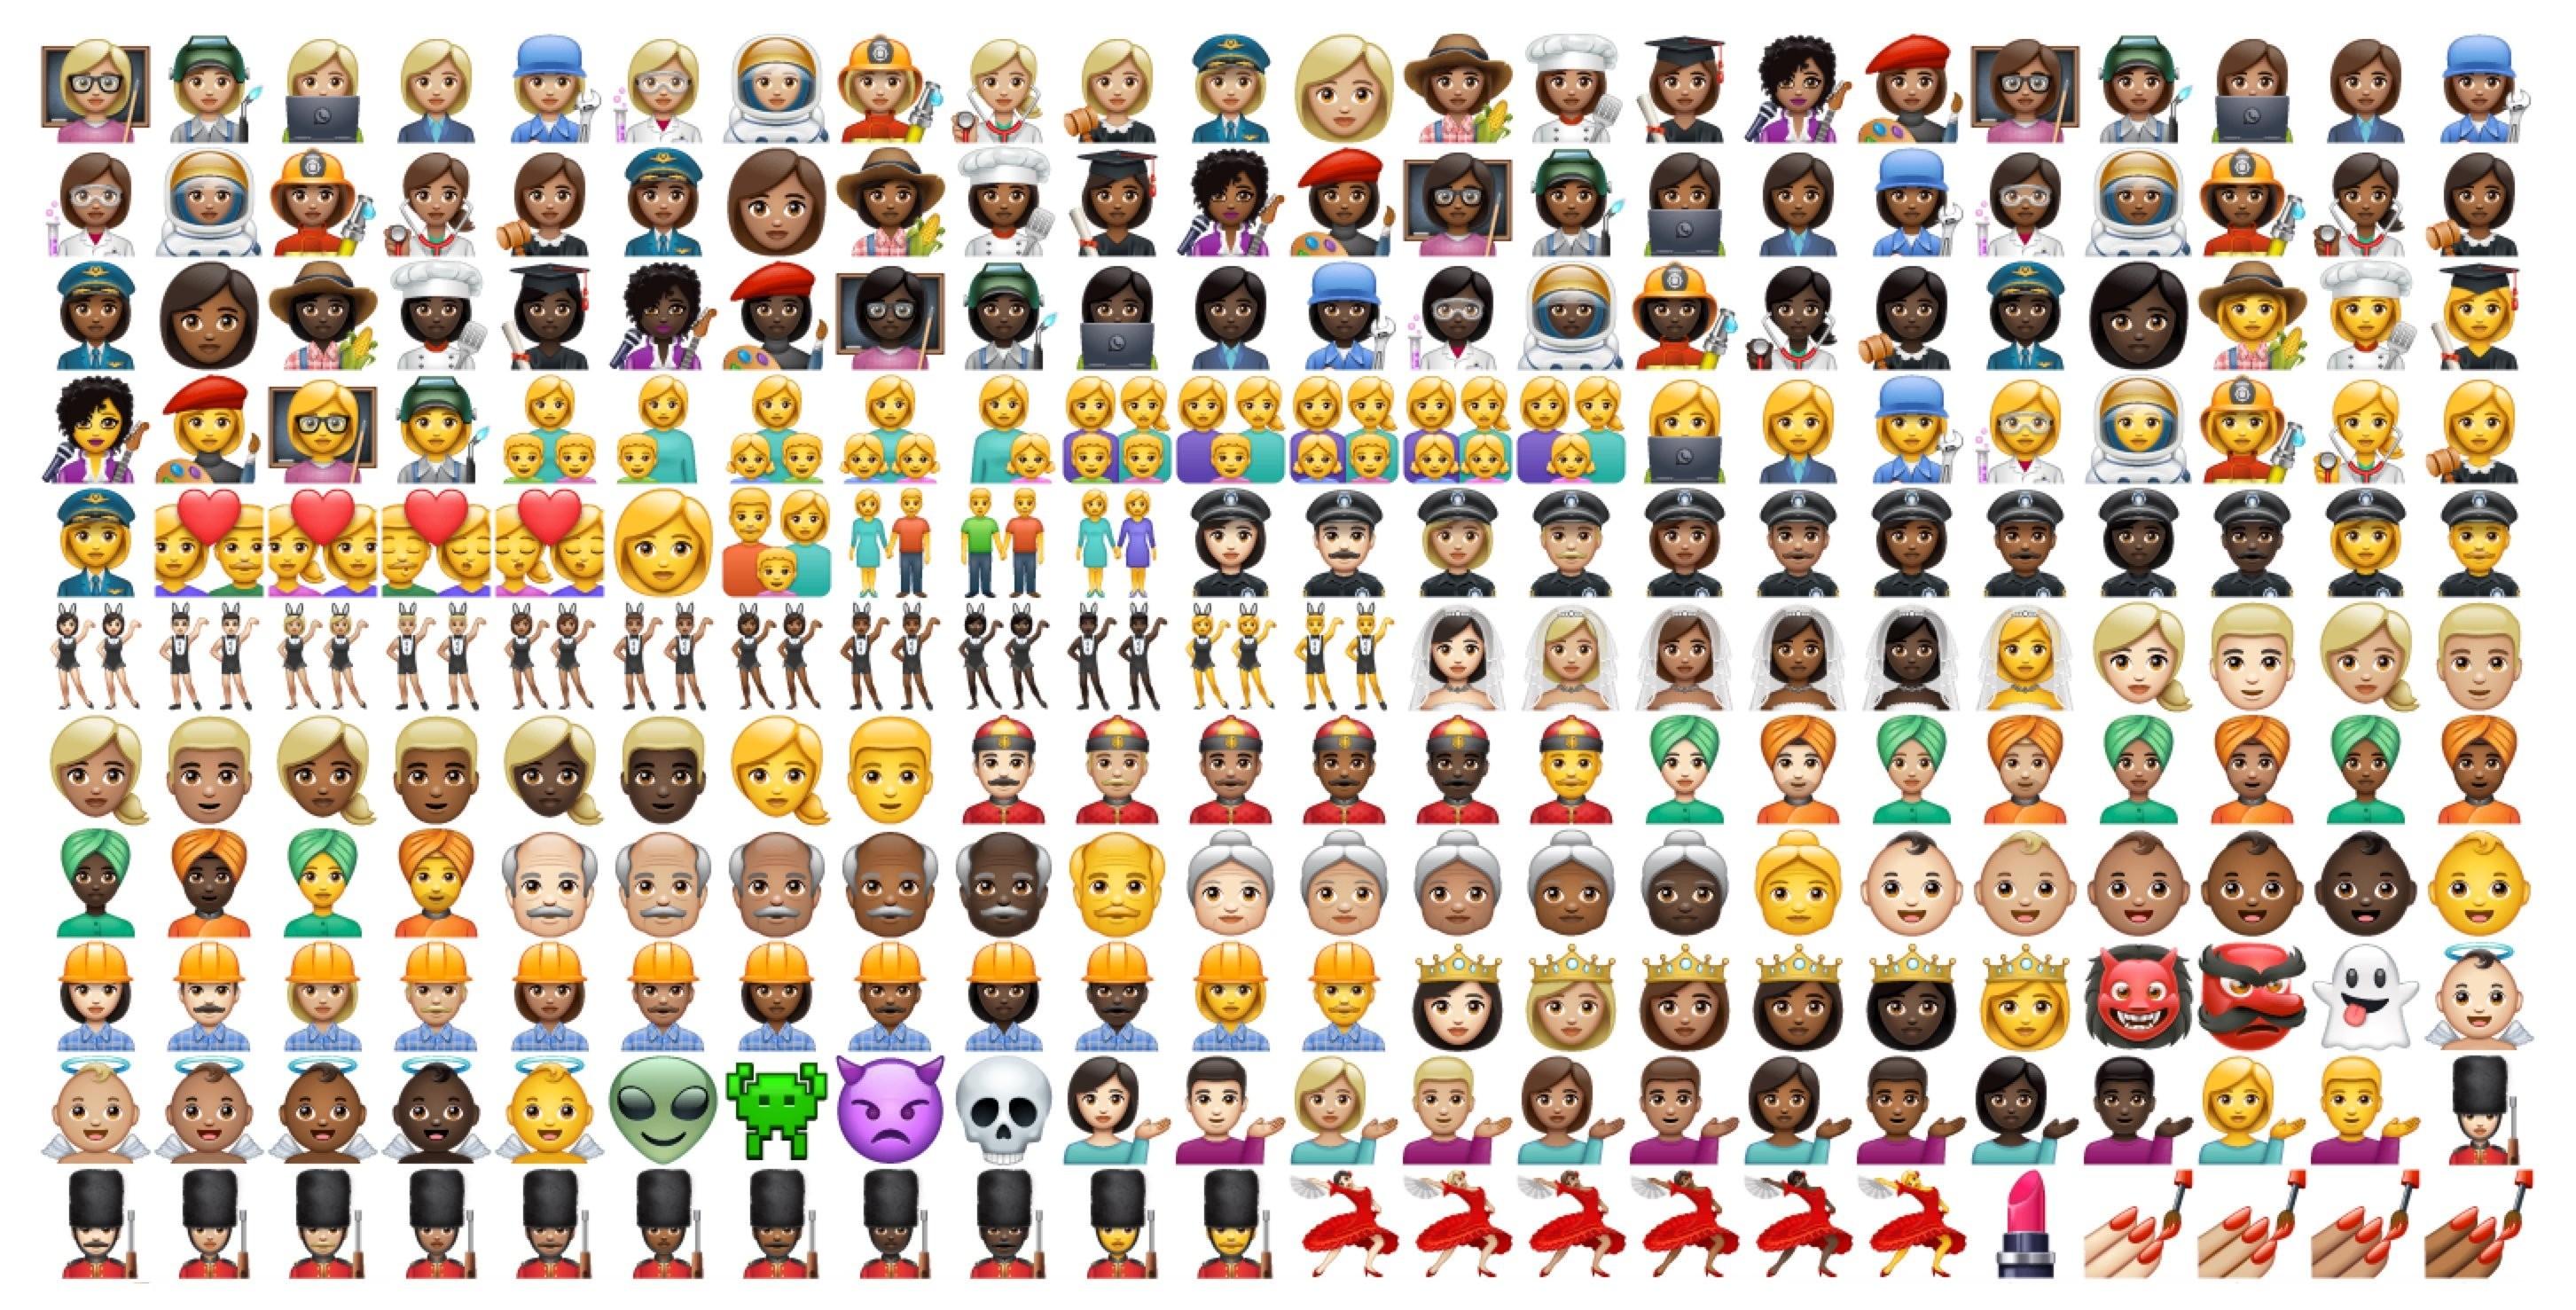 Arrivano nuove simpatiche emoji WhatsApp personalizzate su Android